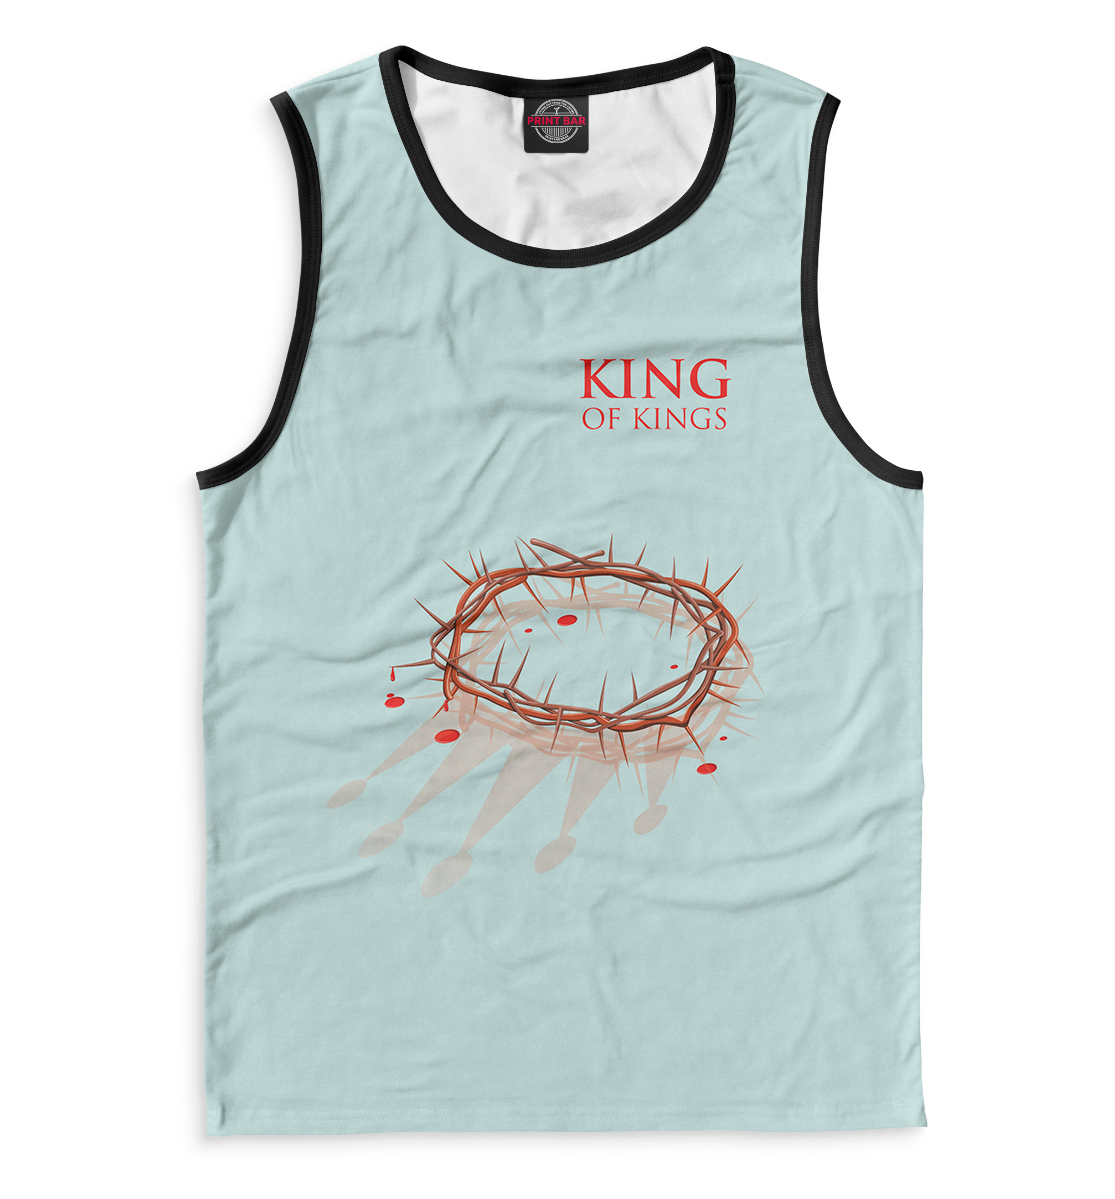 Фото - King of kings clash of kings